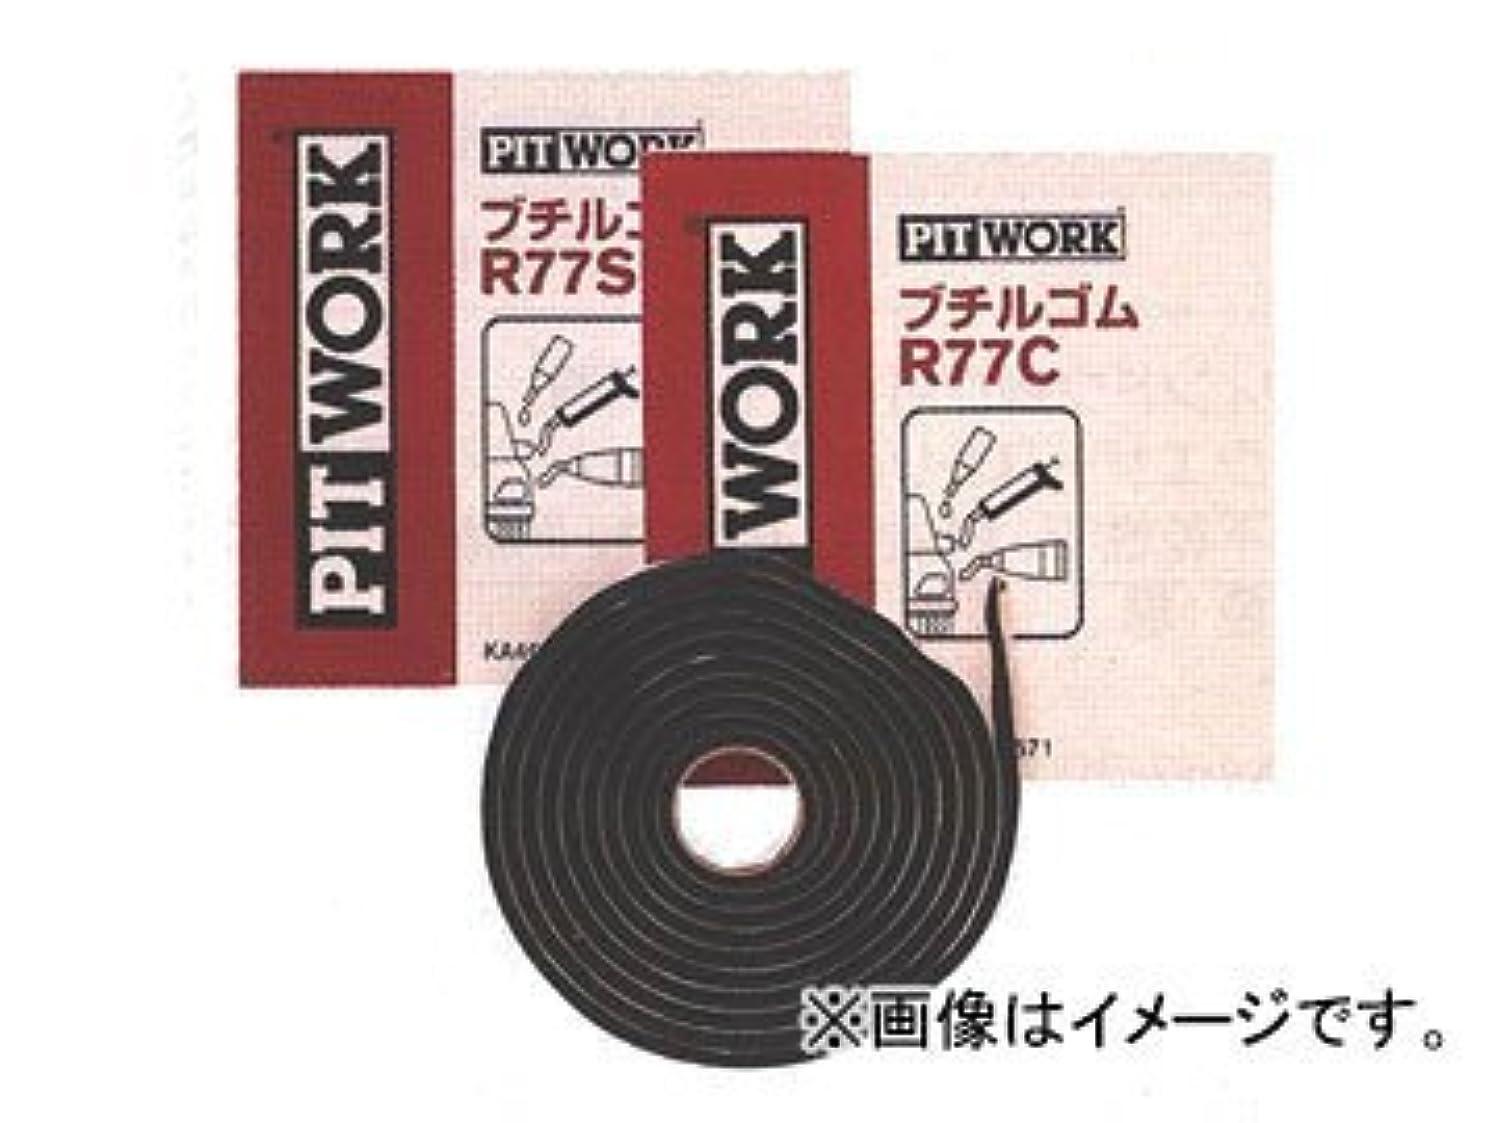 復活させるヘルパー貞PITWORK(ピットワーク) R77S ブチルゴム オールシーズン用 黒 4m巻 KA460-08570